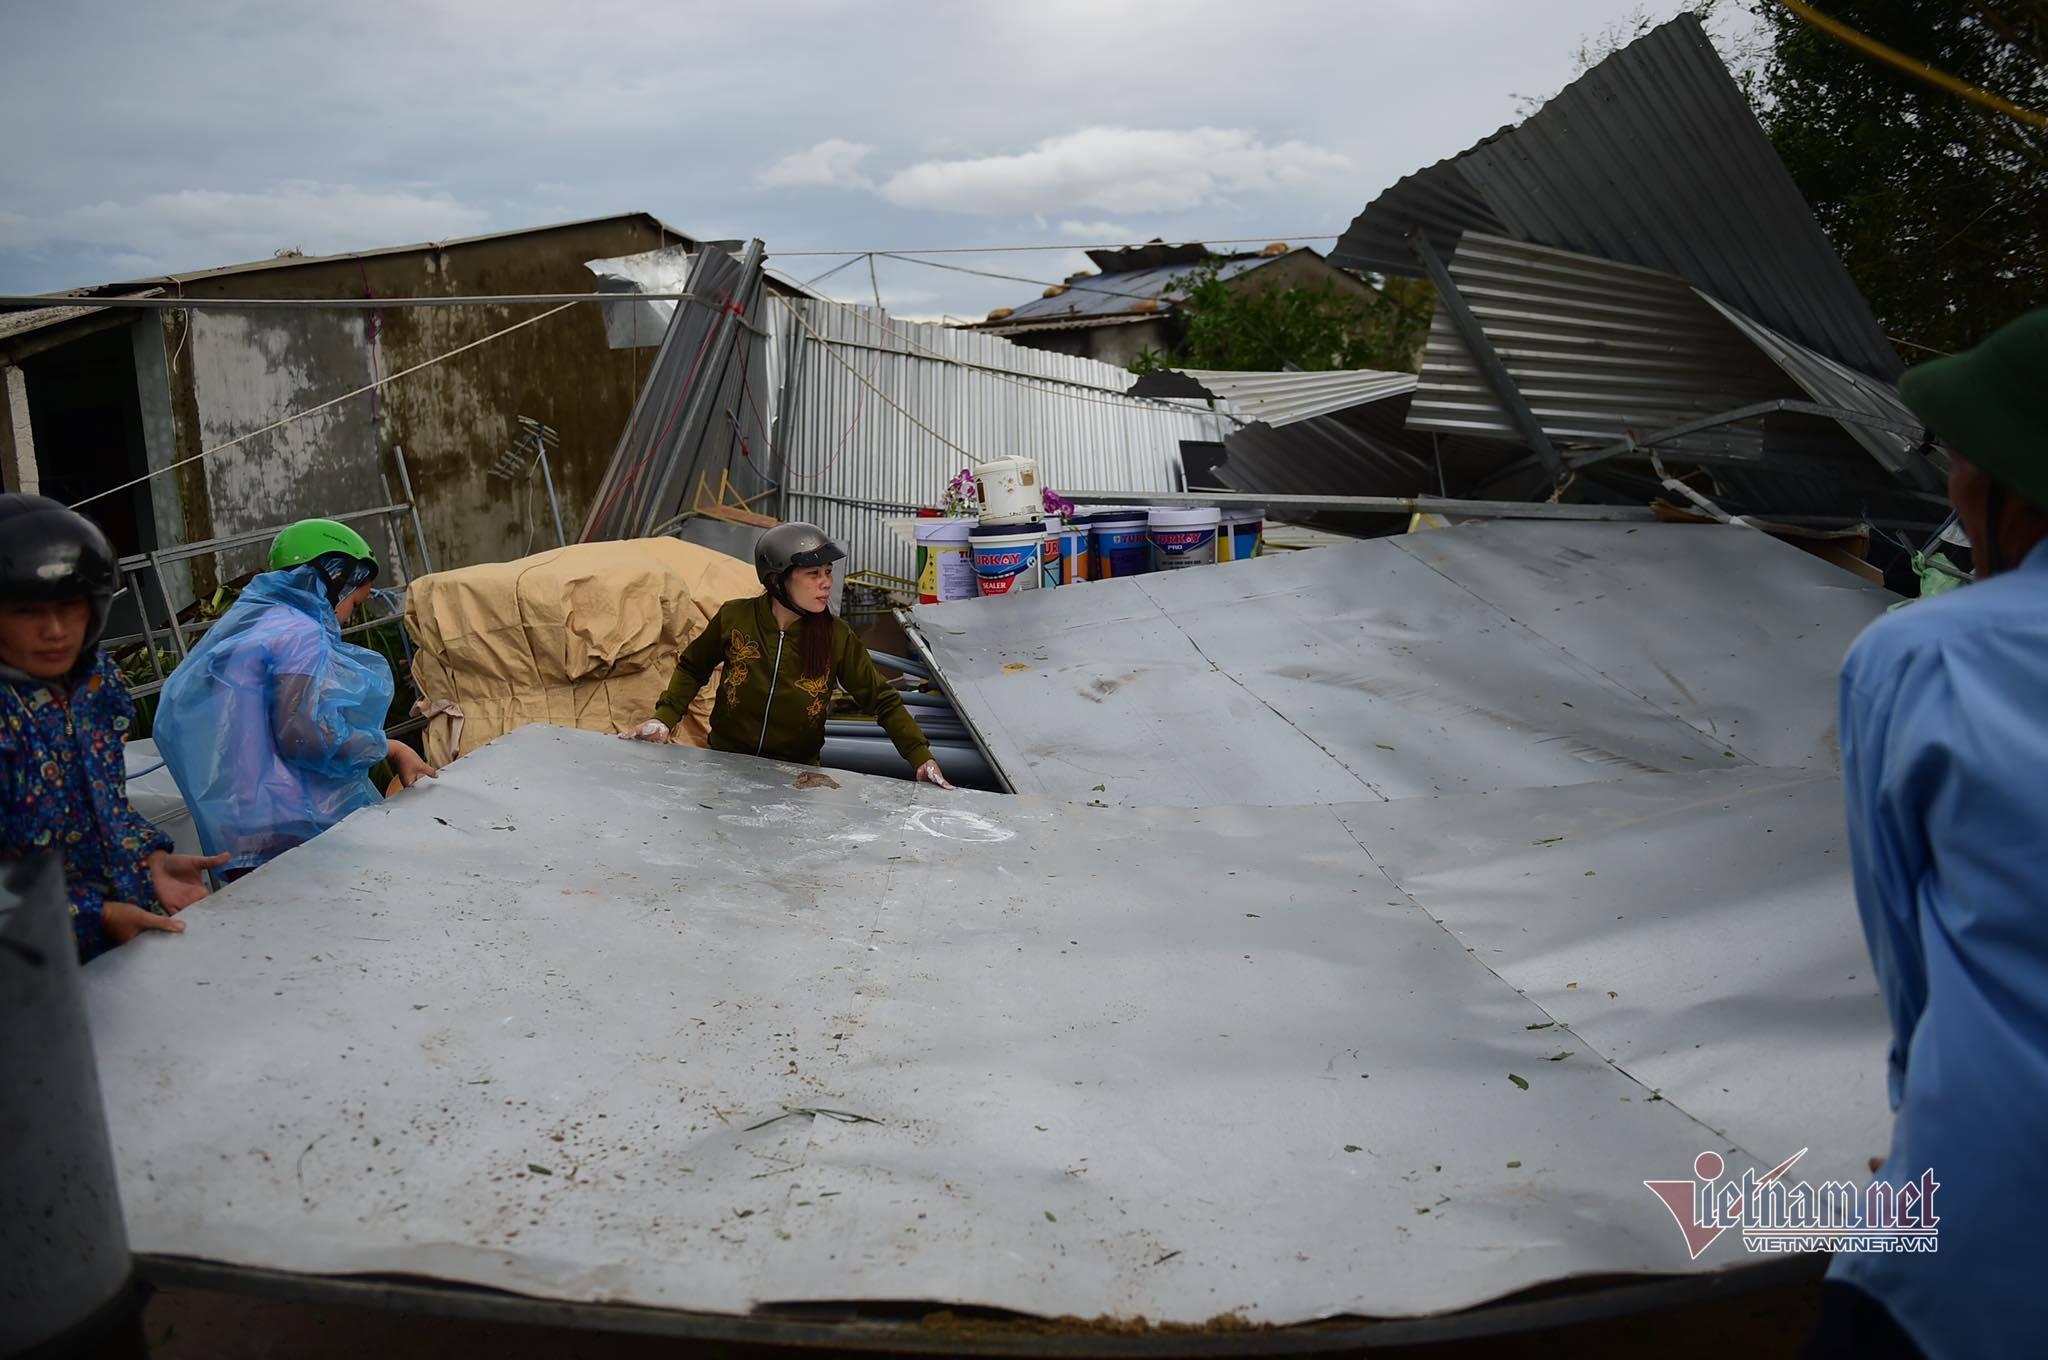 Bão số 9 thổi bay gần 60.000 nóc nhà, hàng triệu hộ miền Trung mất điện